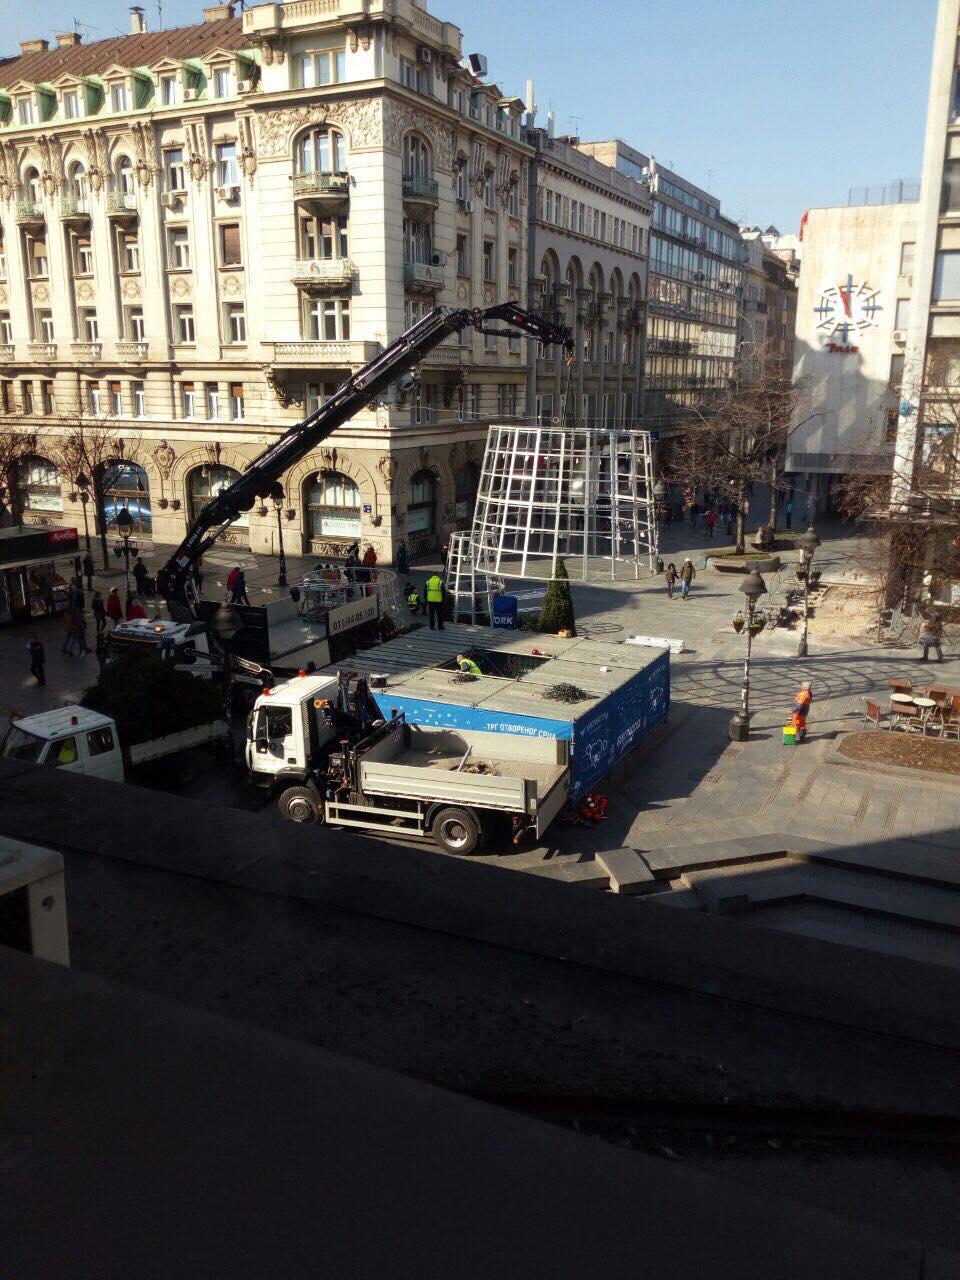 Uklonjena novogodišnja jelka sa Trga Republike u Beogradu 4